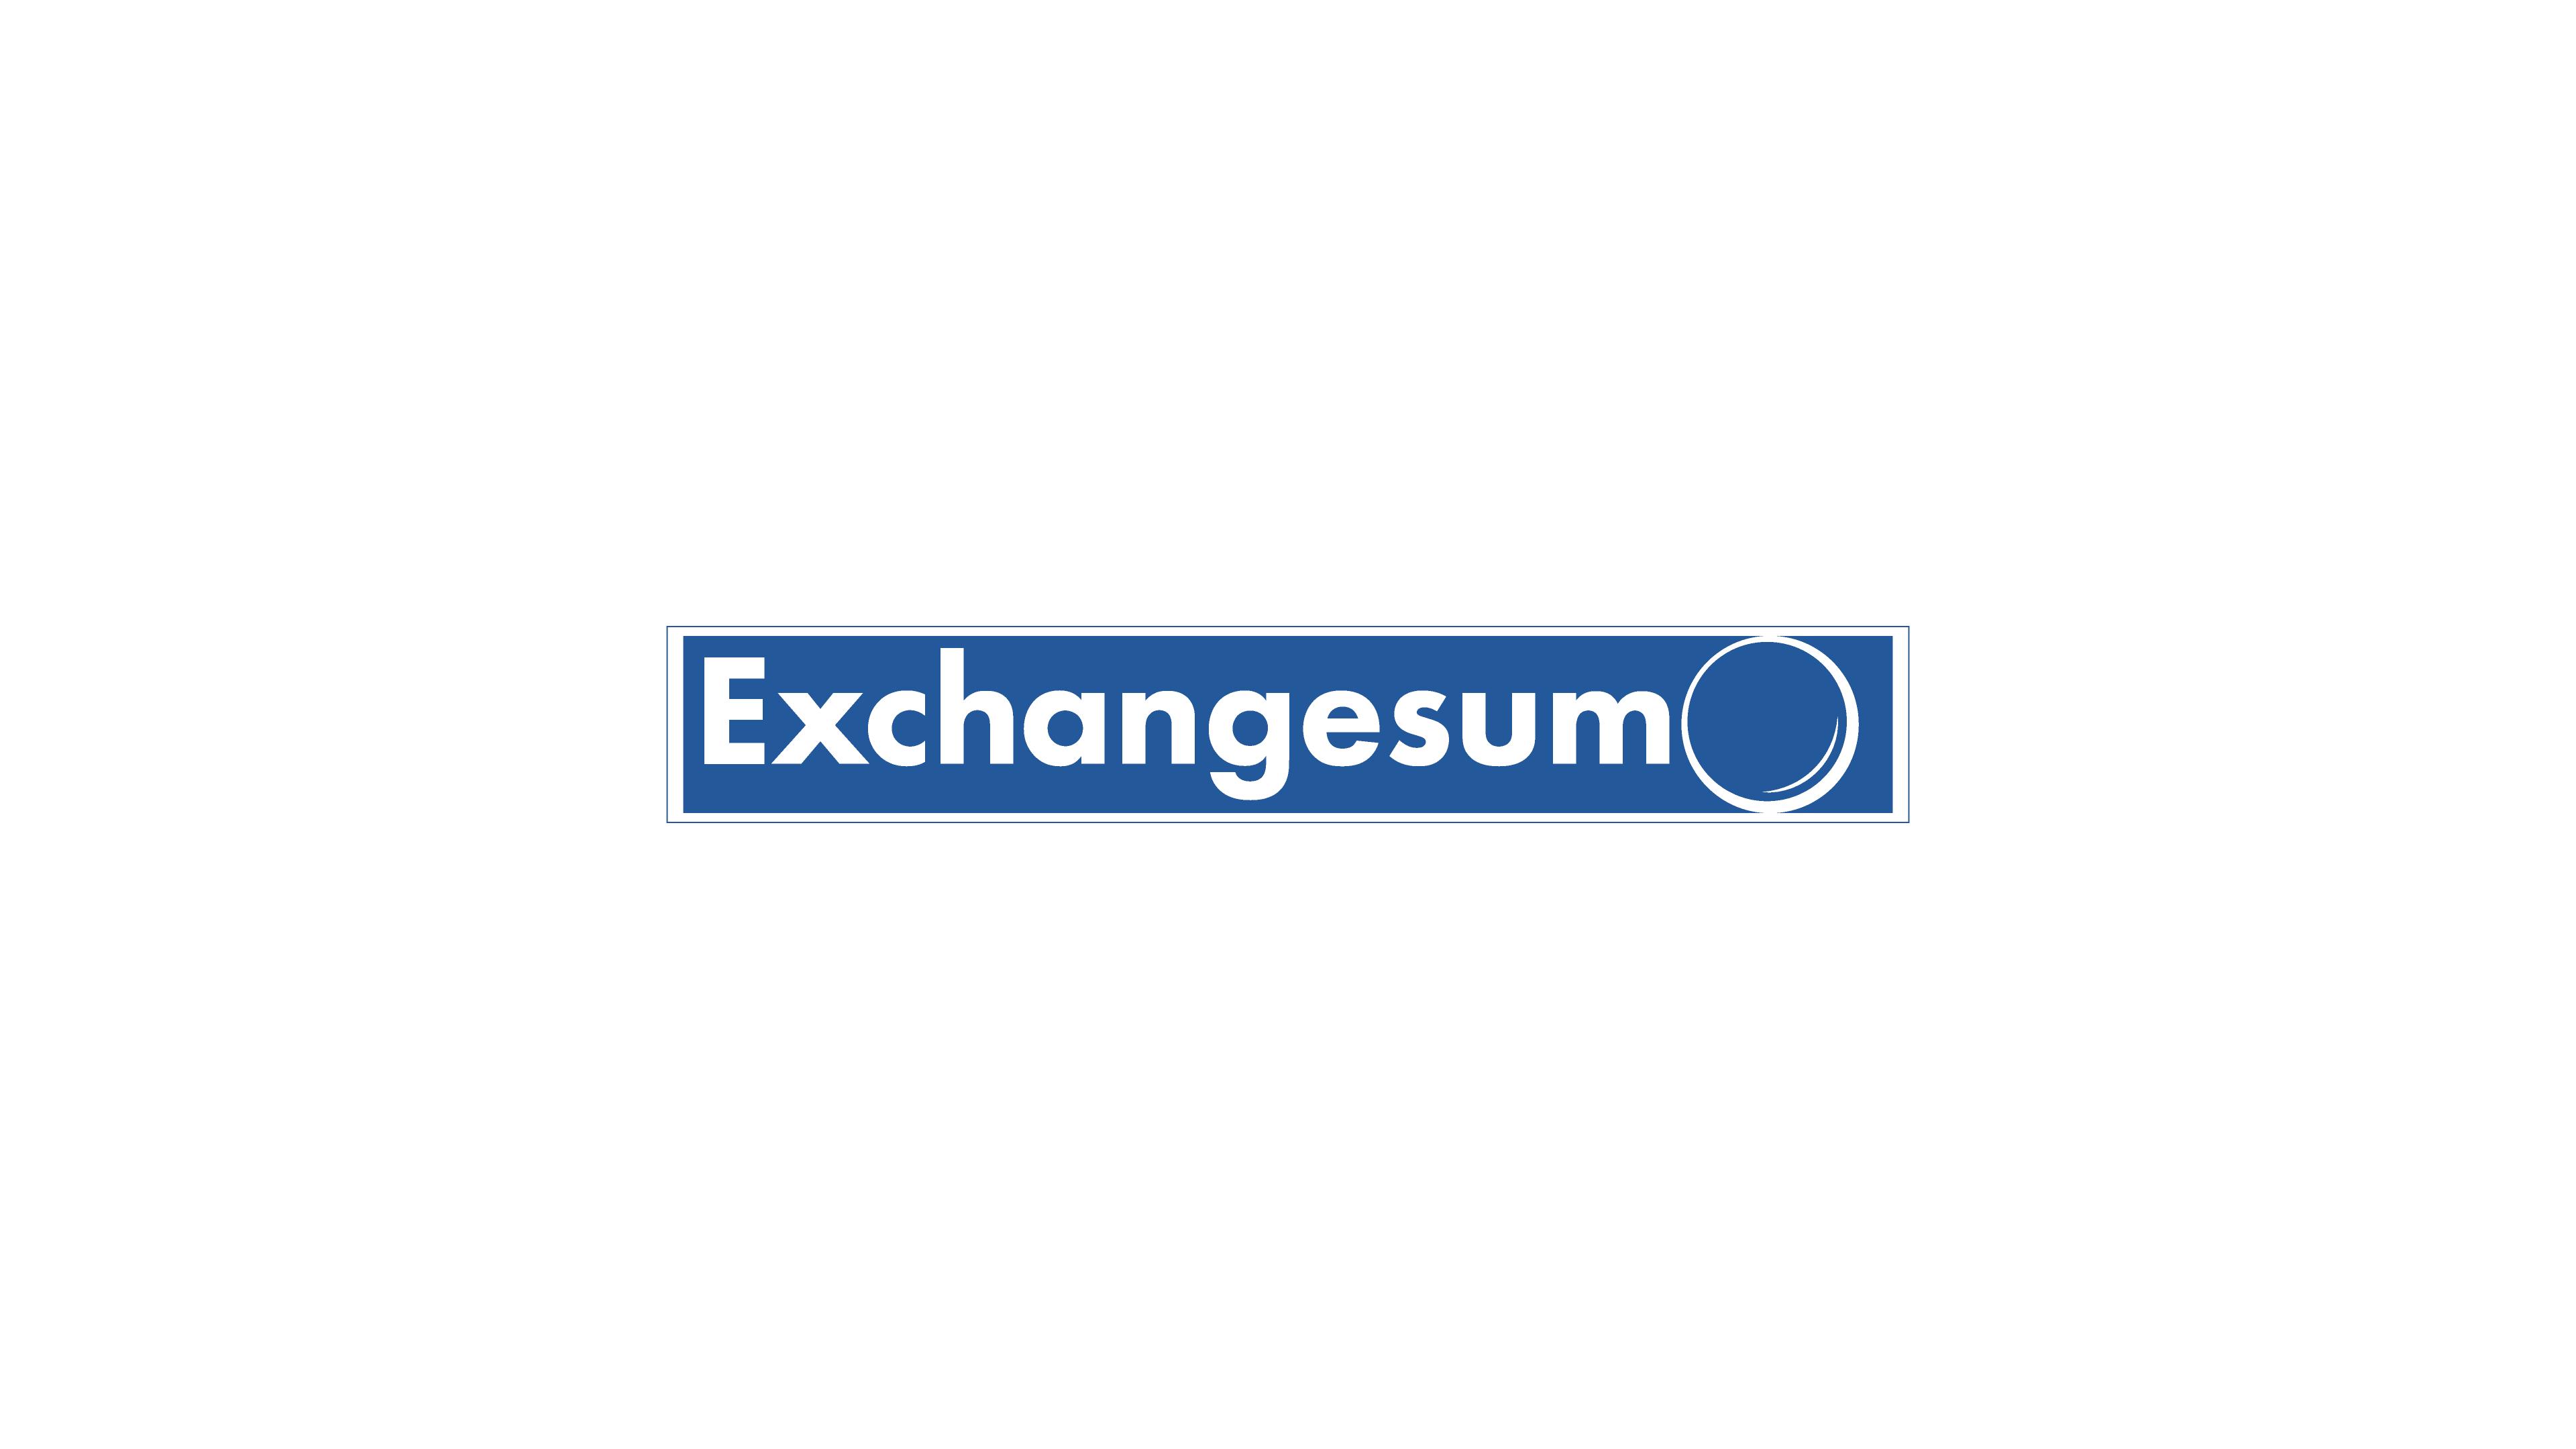 Логотип для мониторинга обменников фото f_9225baa7dc8d47b5.png